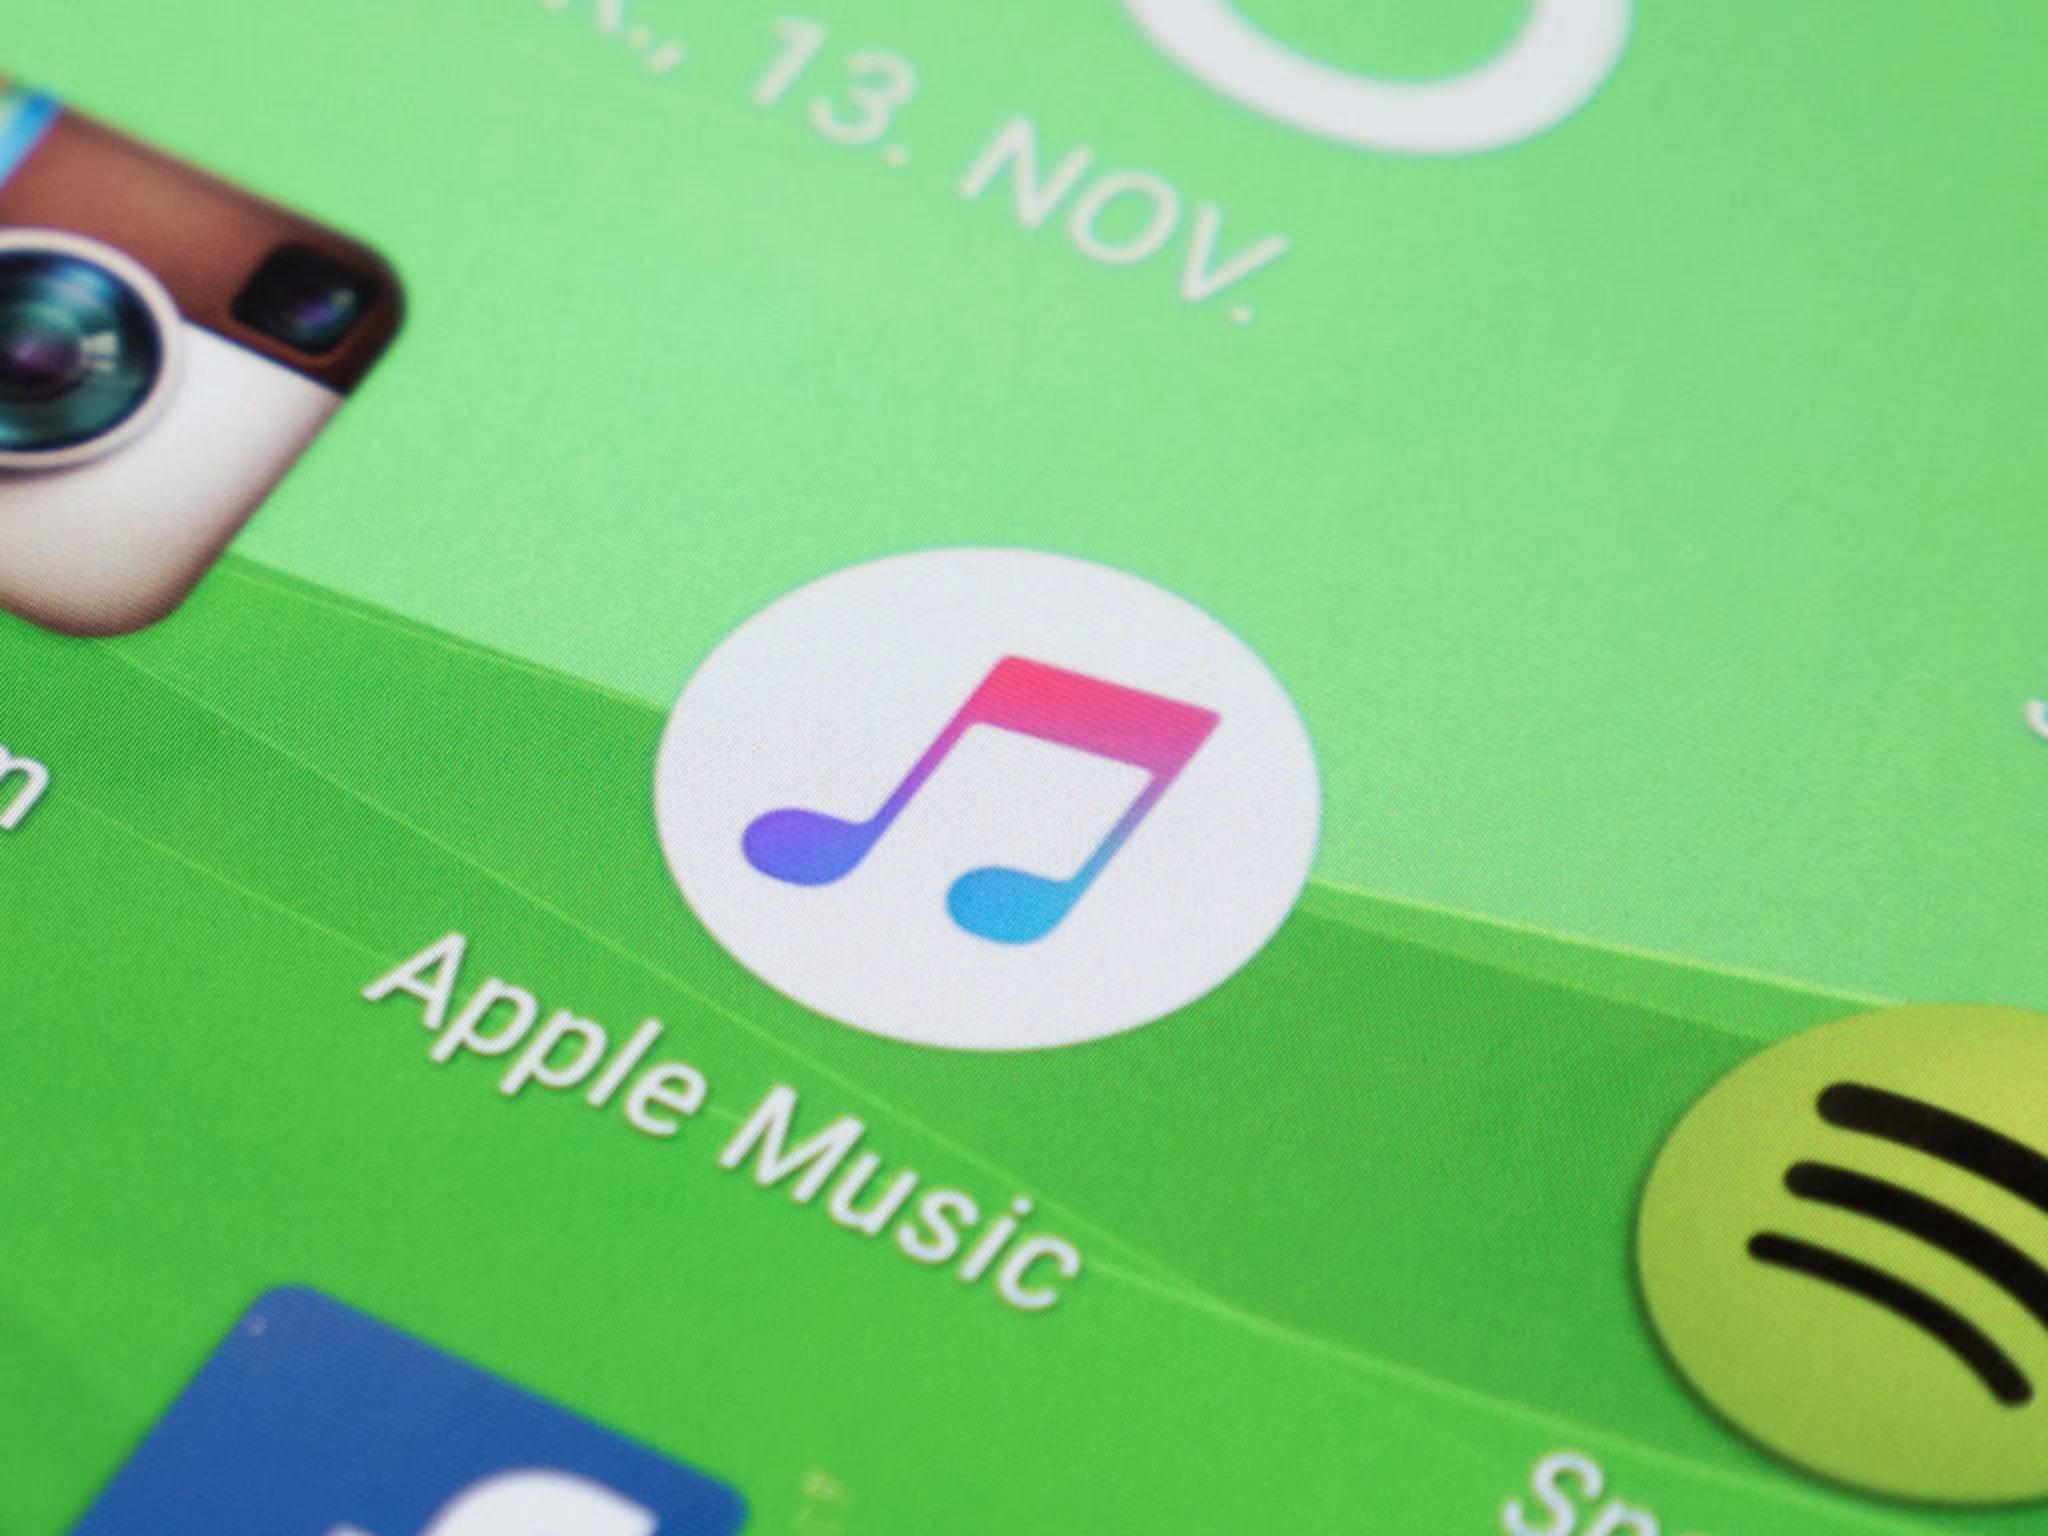 Wir verraten, wie viel Datenvolumen Apple Music verbraucht.